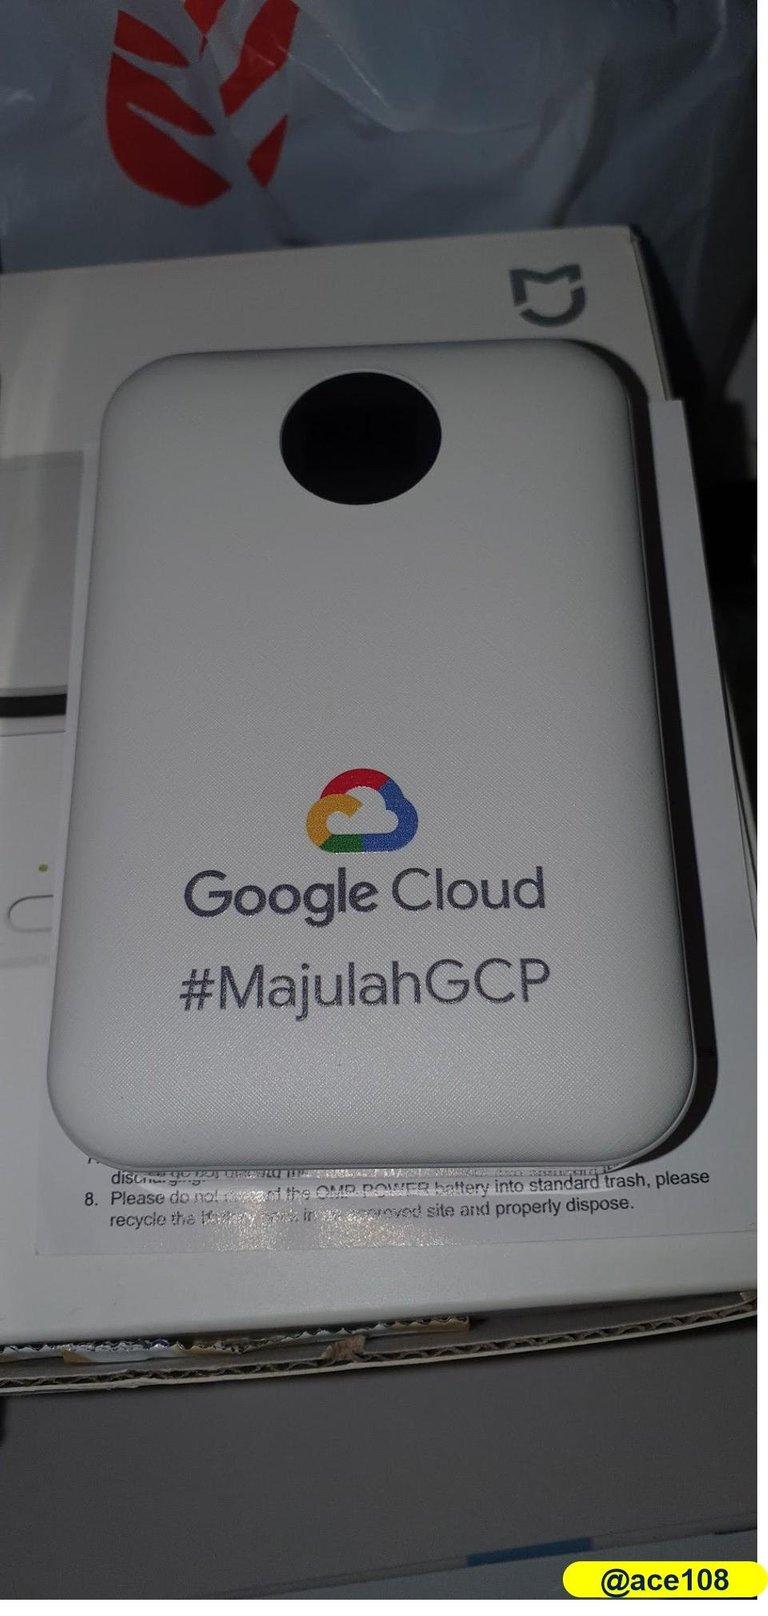 Google Cloud Power back@ace108